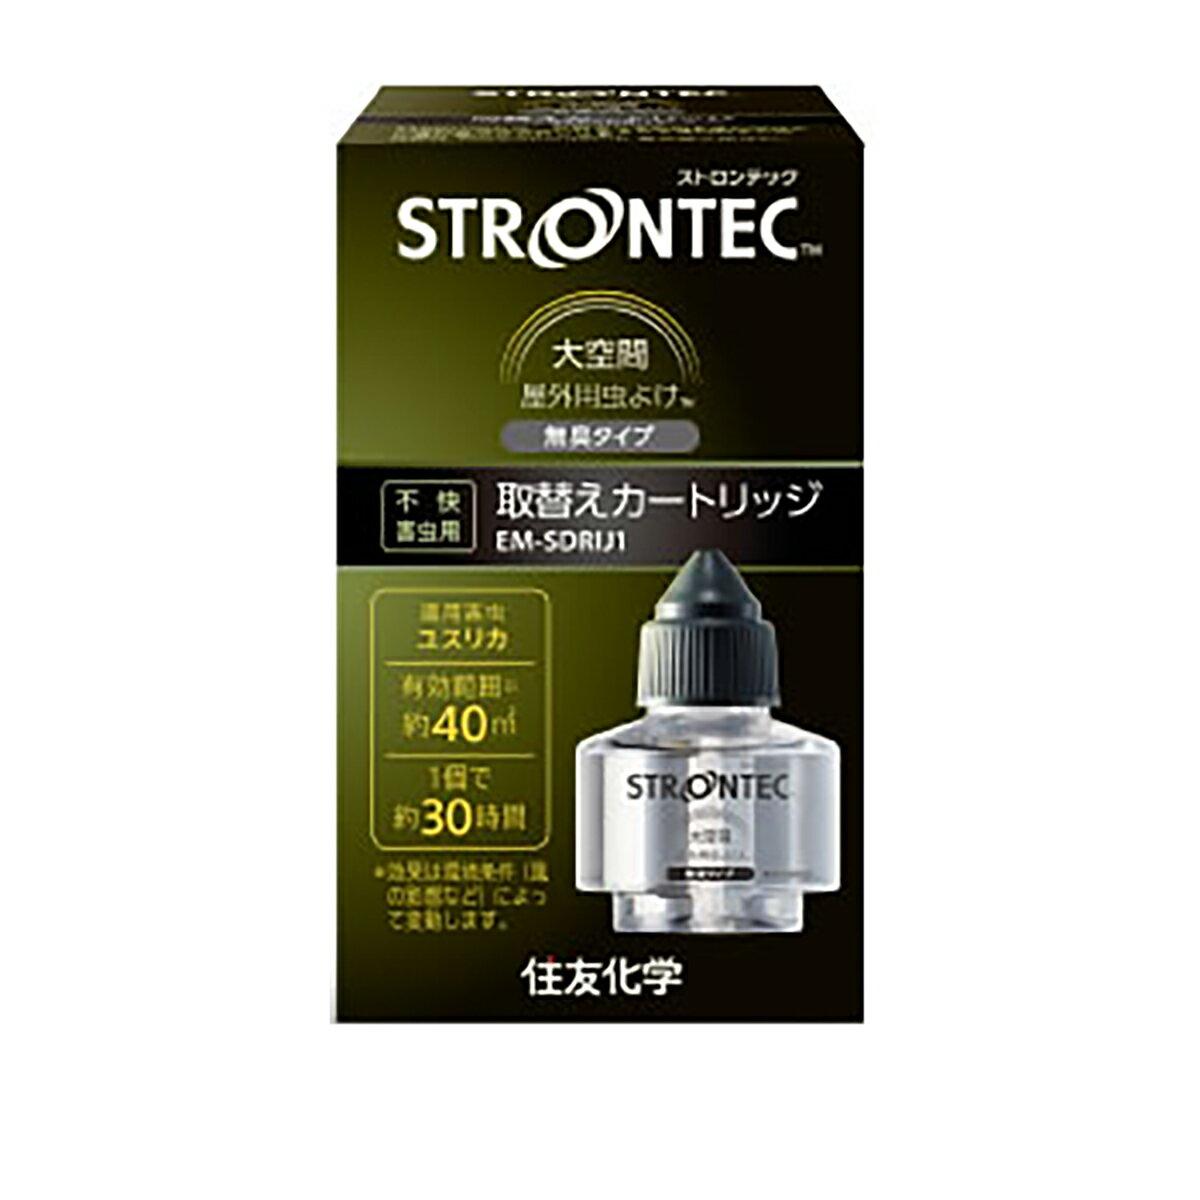 【春夏限定】住友化学 STRONTEC(ストロンテック)大空間屋外用虫よけ 取替カートリッジ (4909246307149)※無くなり次第終了